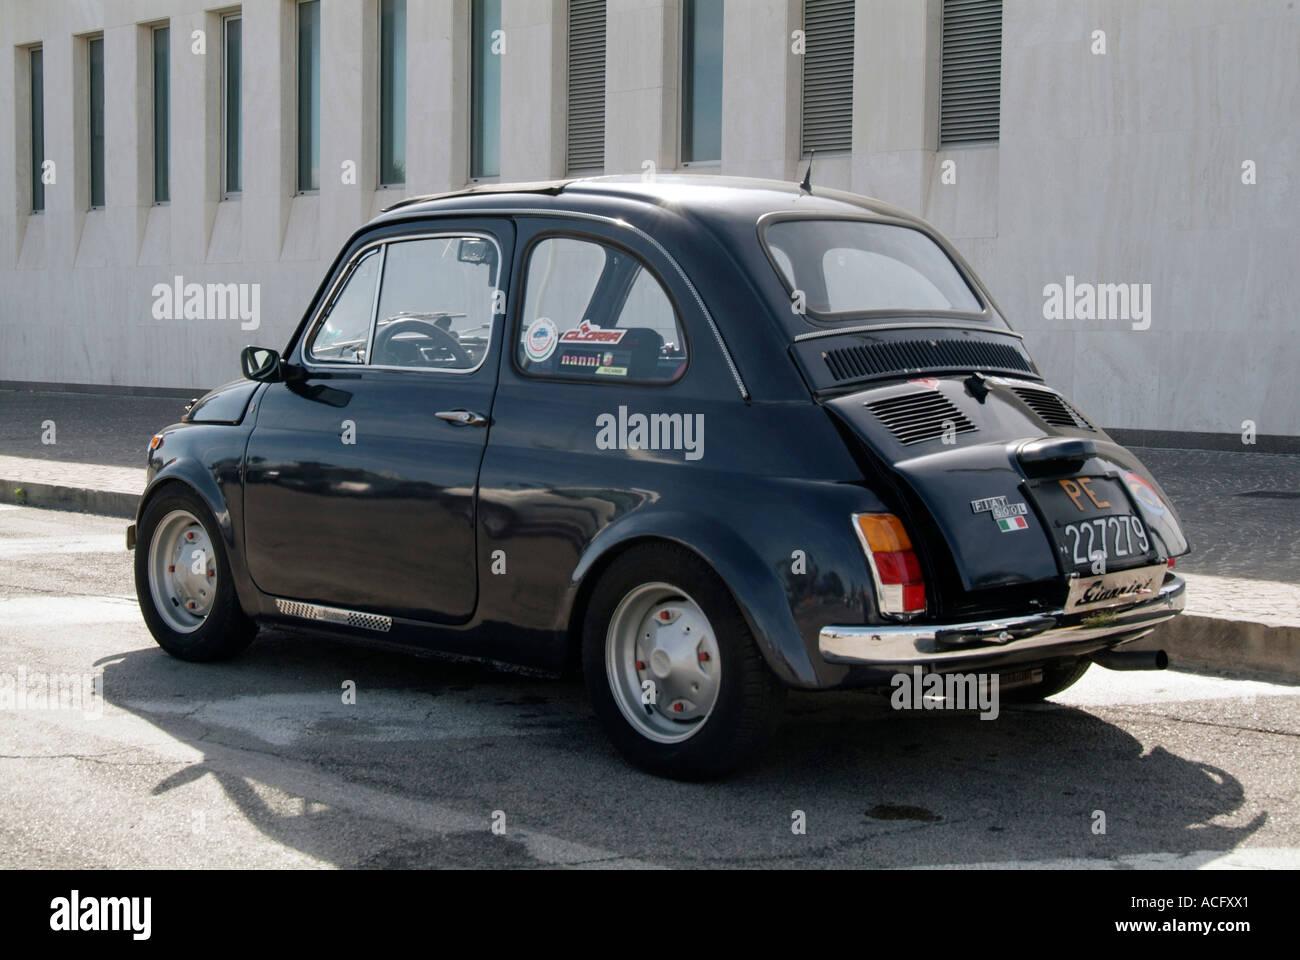 Fiat 500 Auto Stadt Klein Autos Kleine Italienische Autos